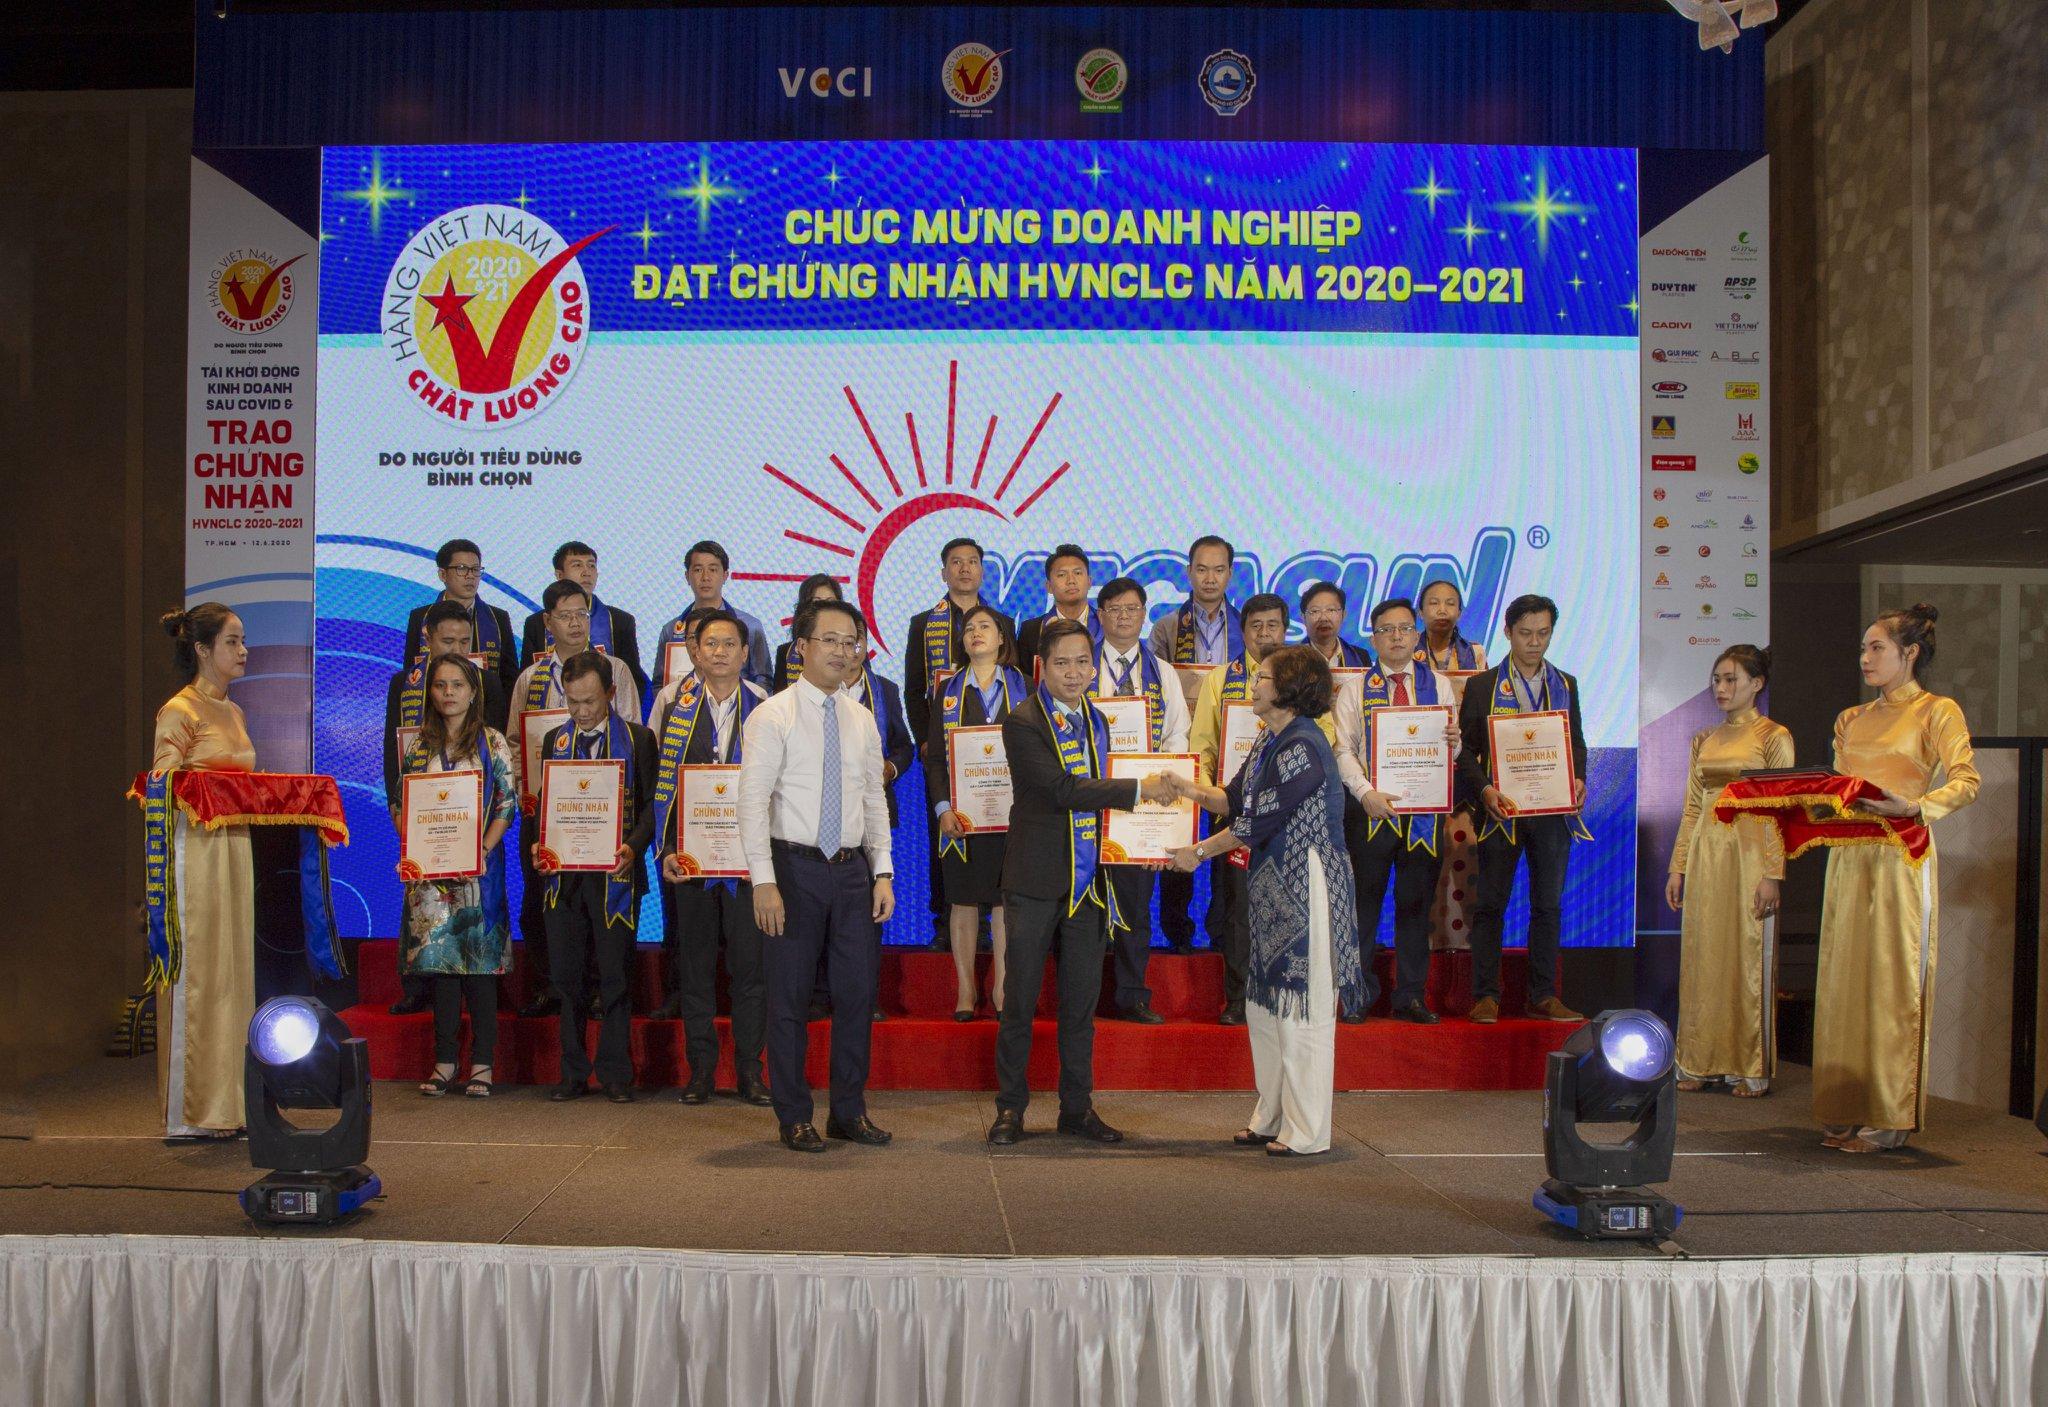 Megasun Hang Viet Nam Clc